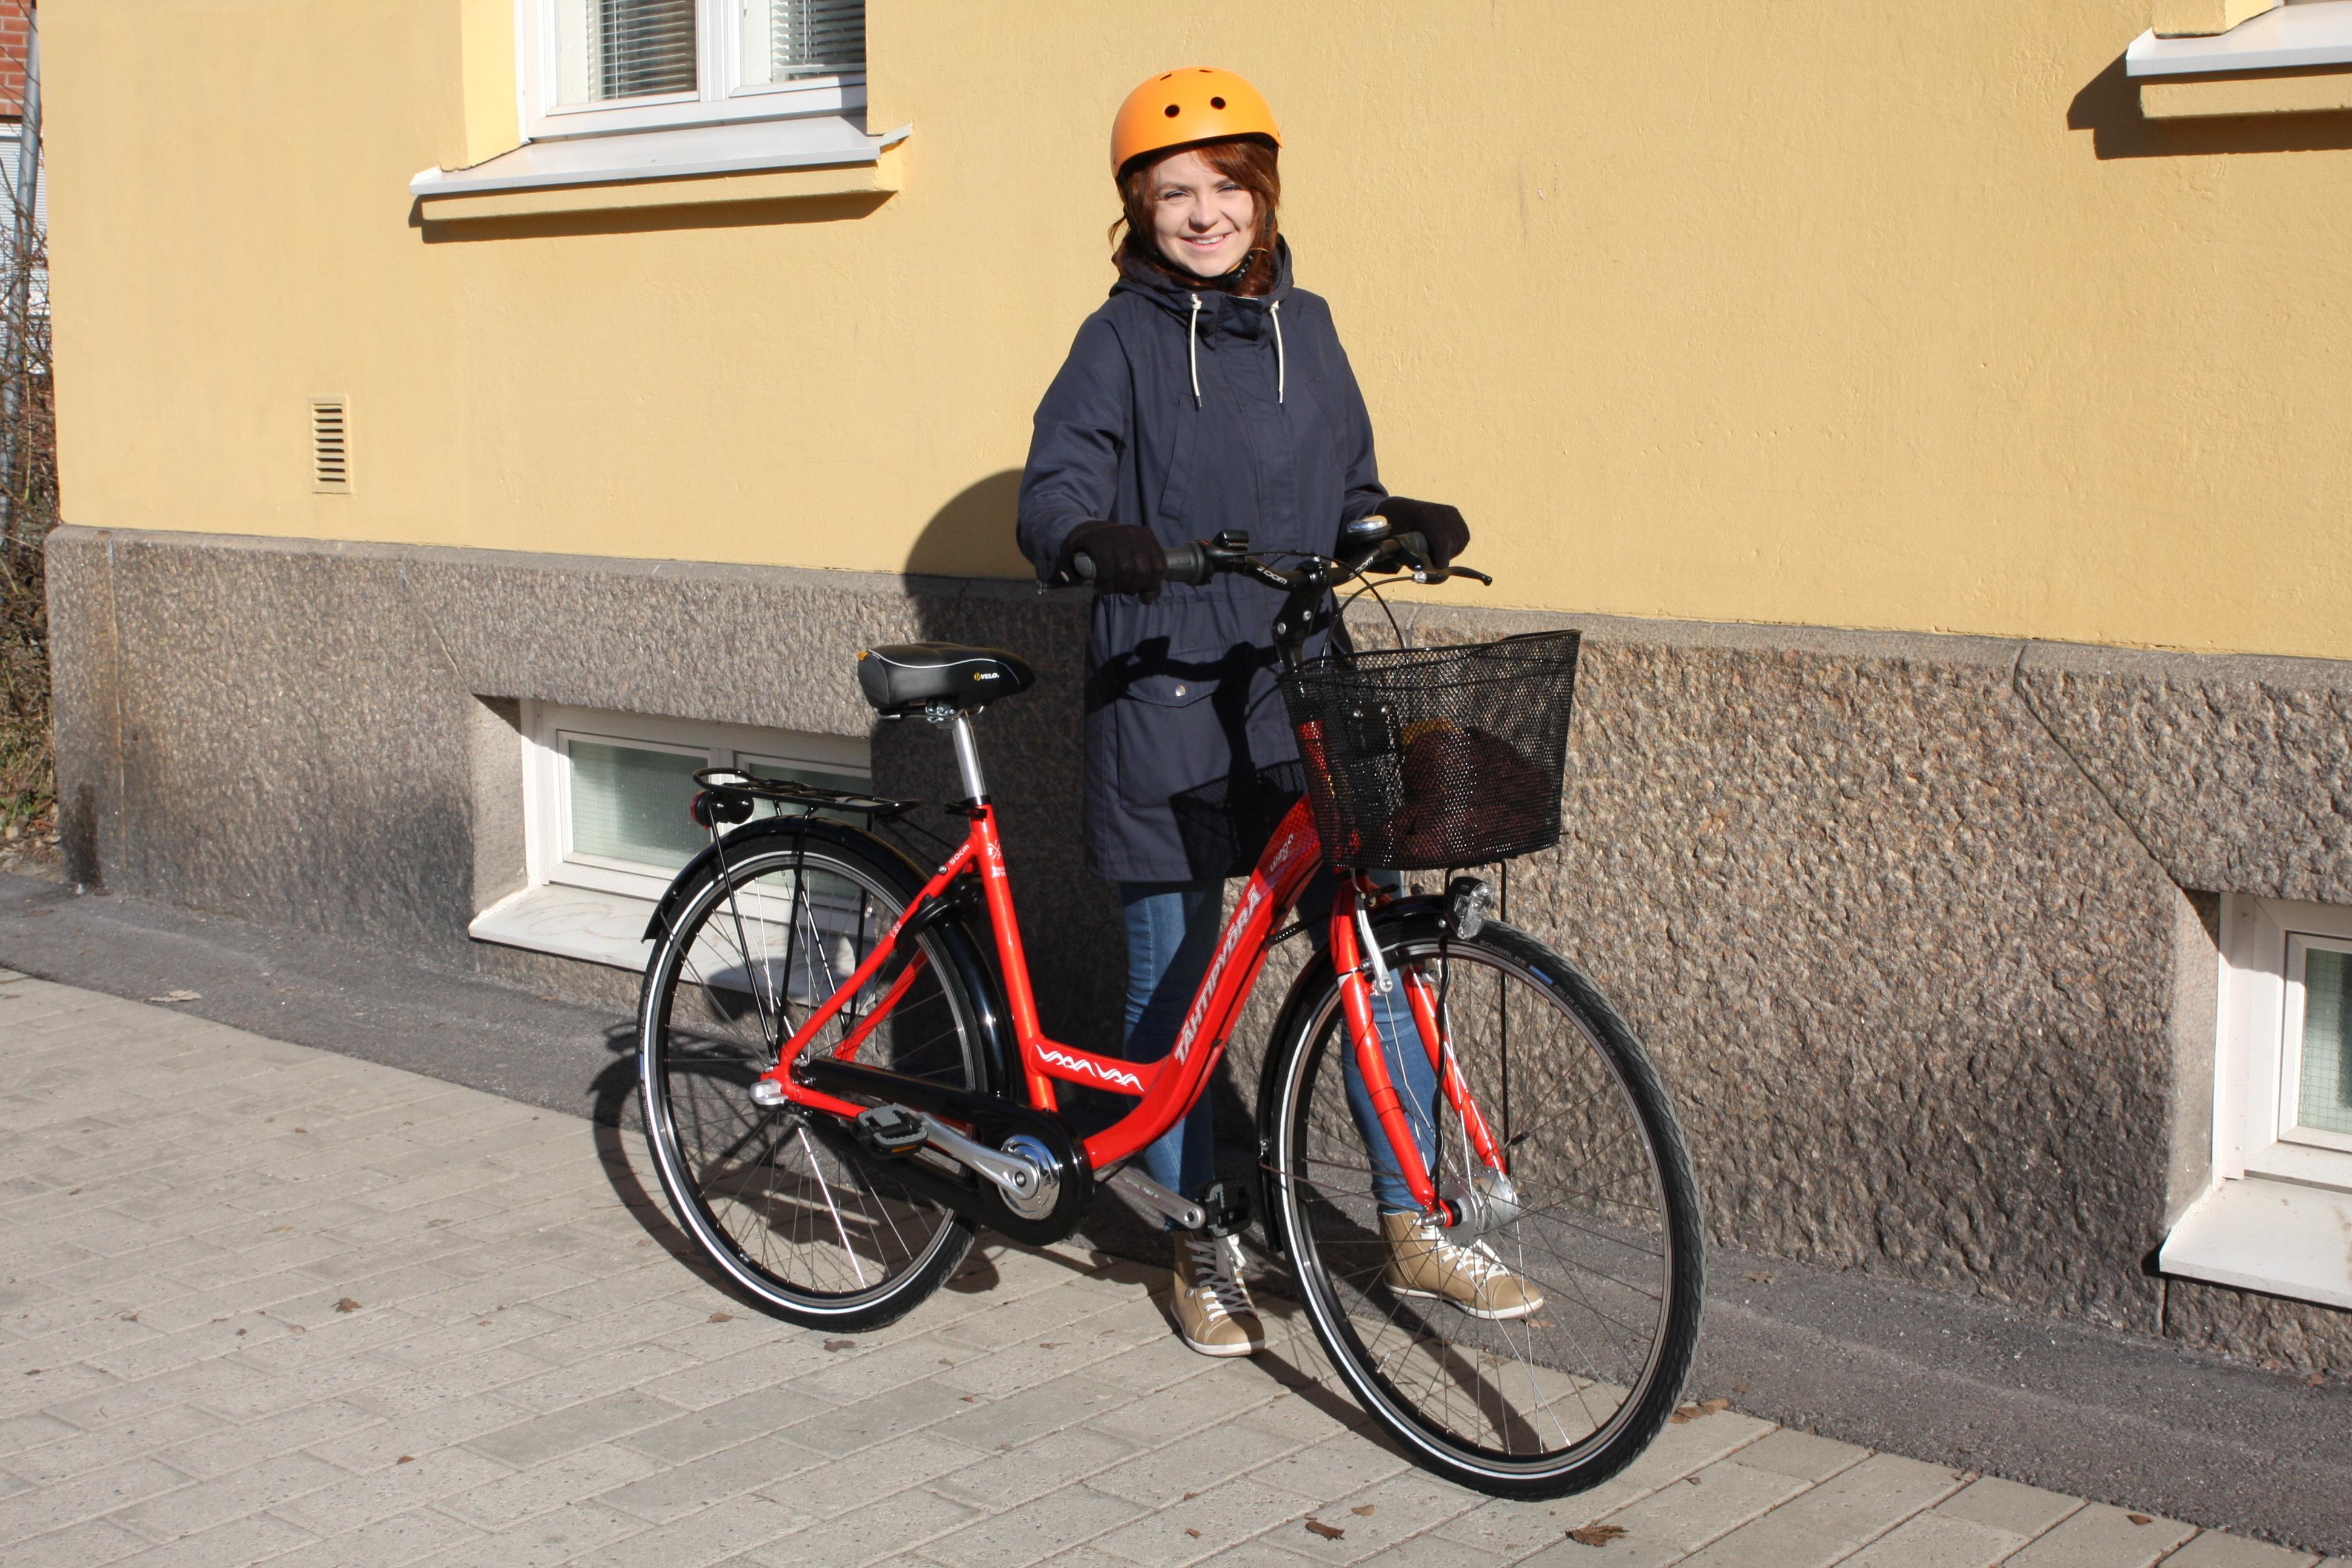 Vaasan kaupungin henkilöstöllä on nyt 29 työpäiväpyörää käytössä.